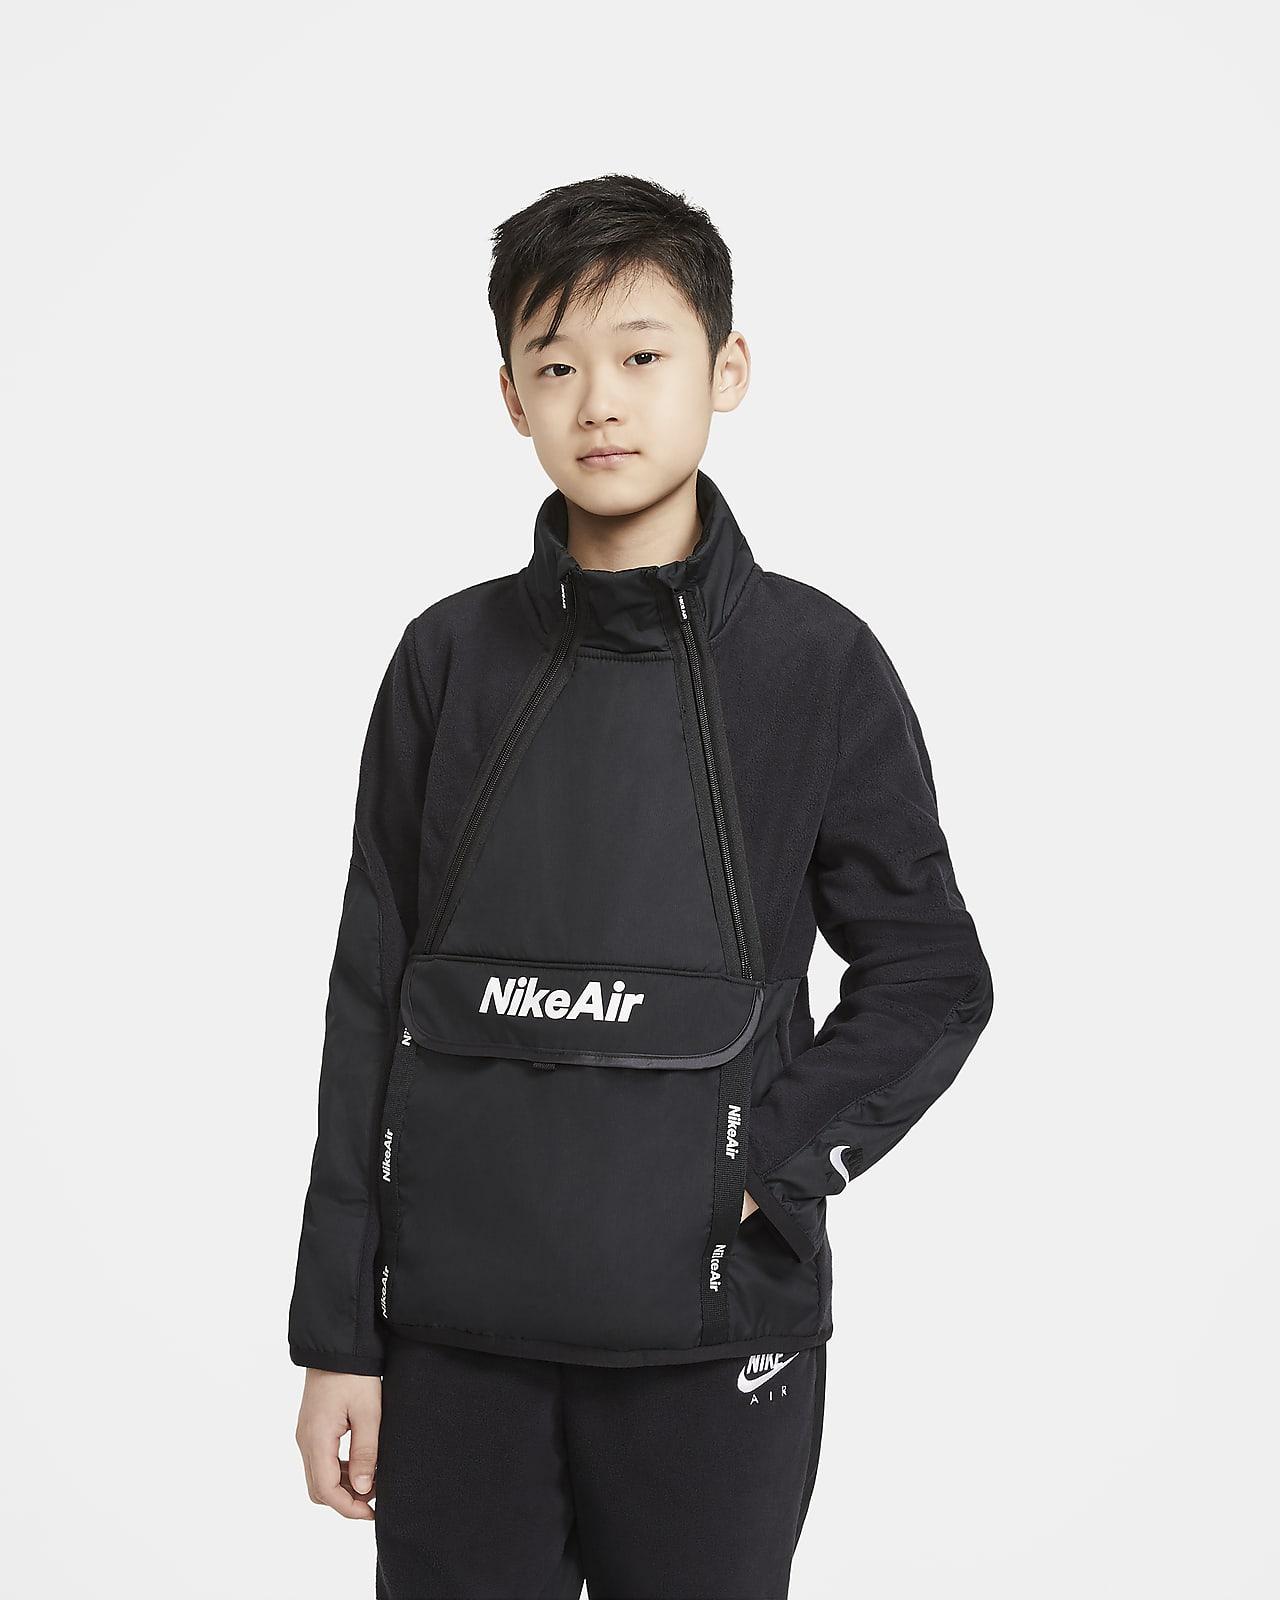 Nike Air Winteroberteil für ältere Kinder (Jungen)